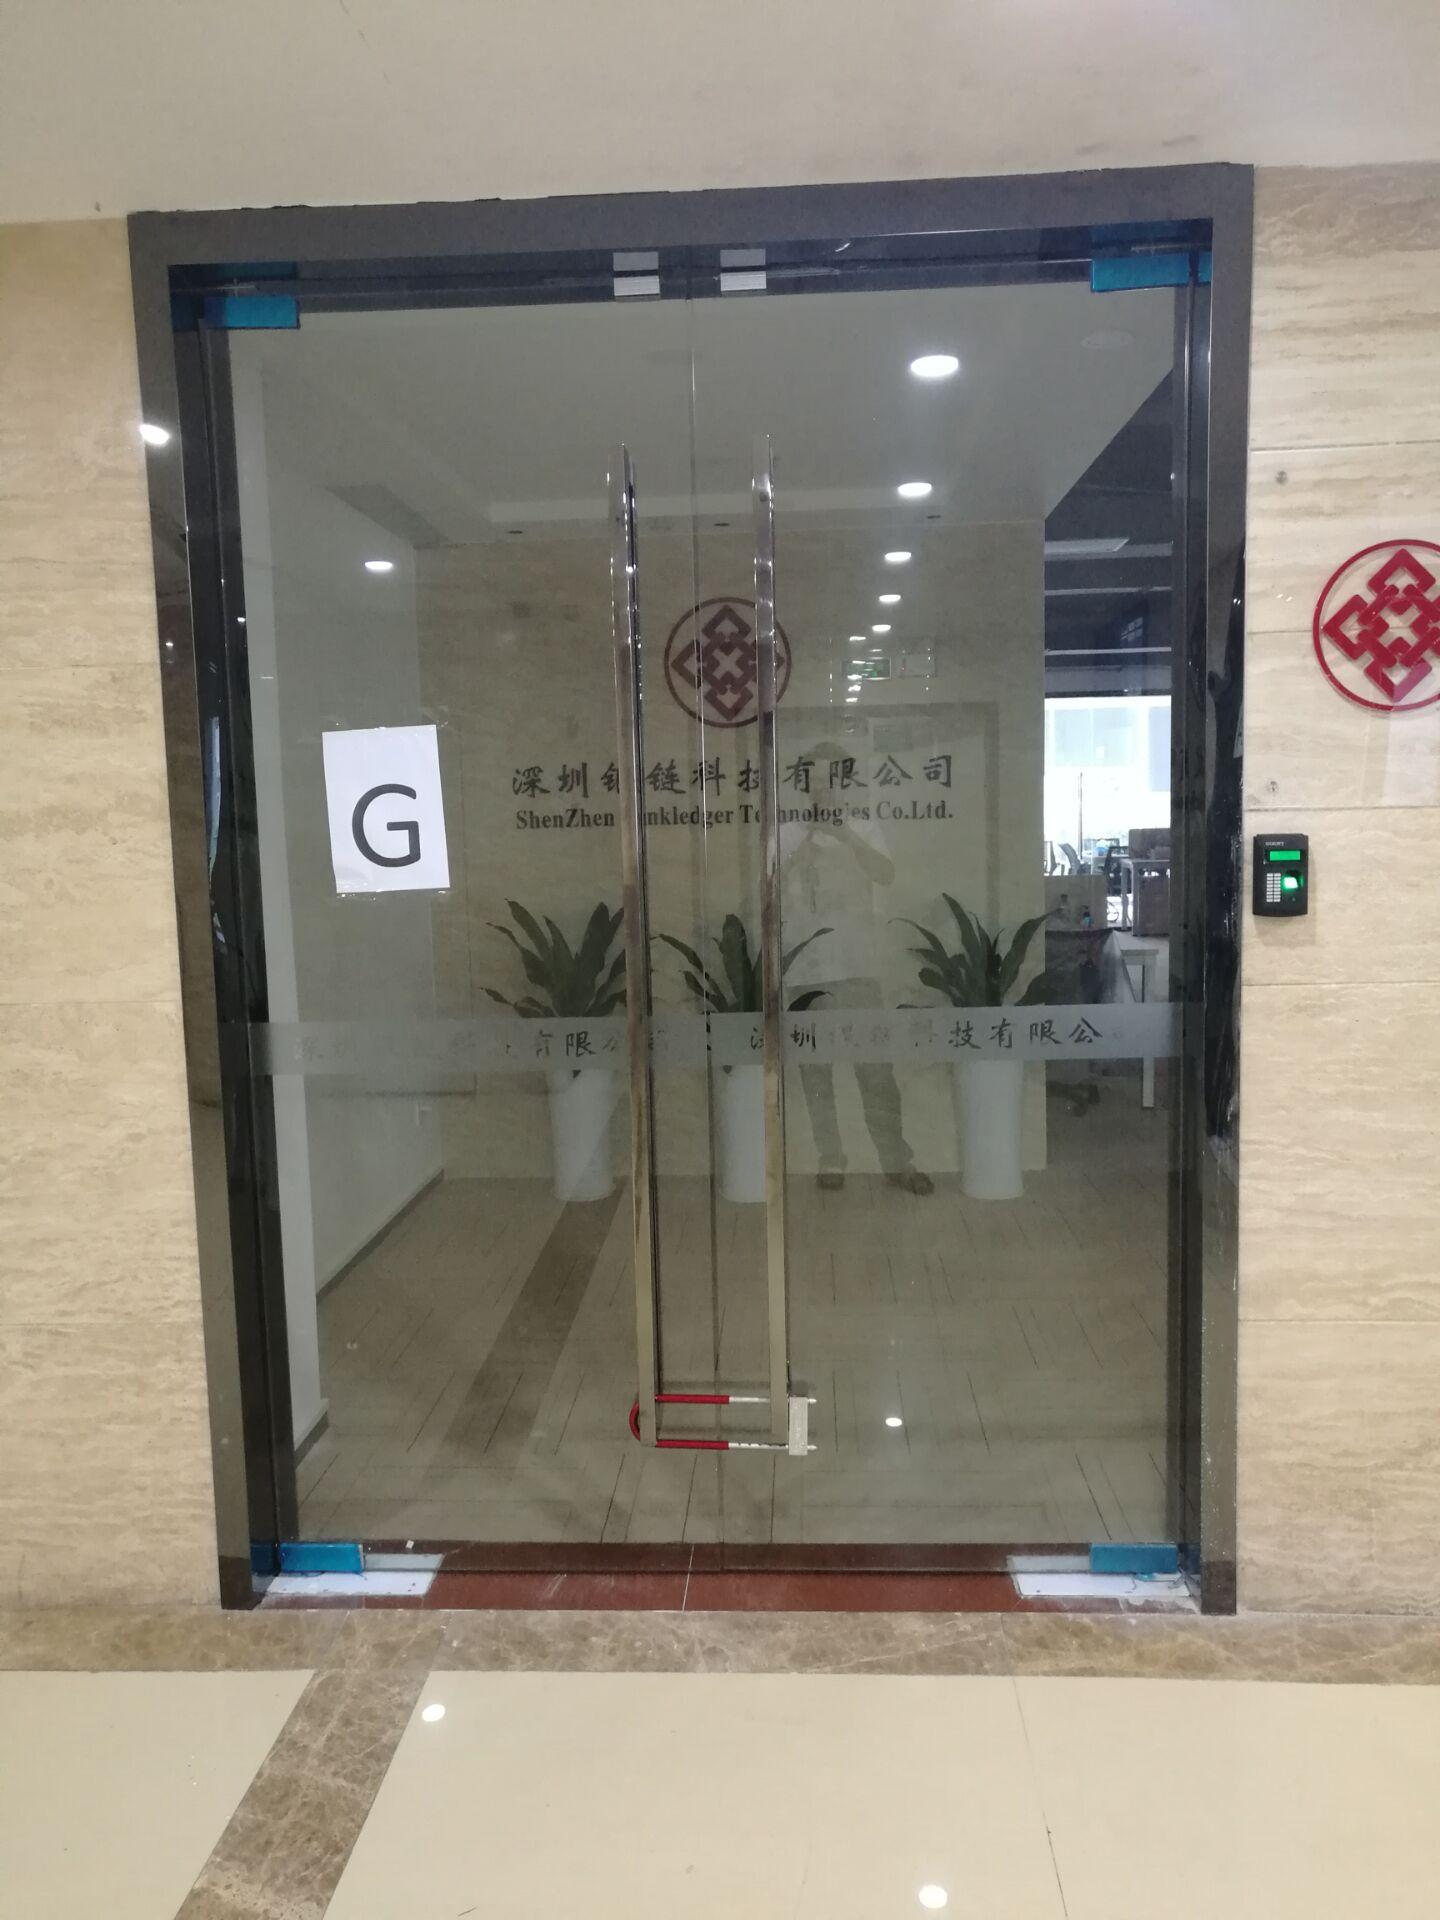 深圳市银链科技有限公司指纹门禁考勤系统一套